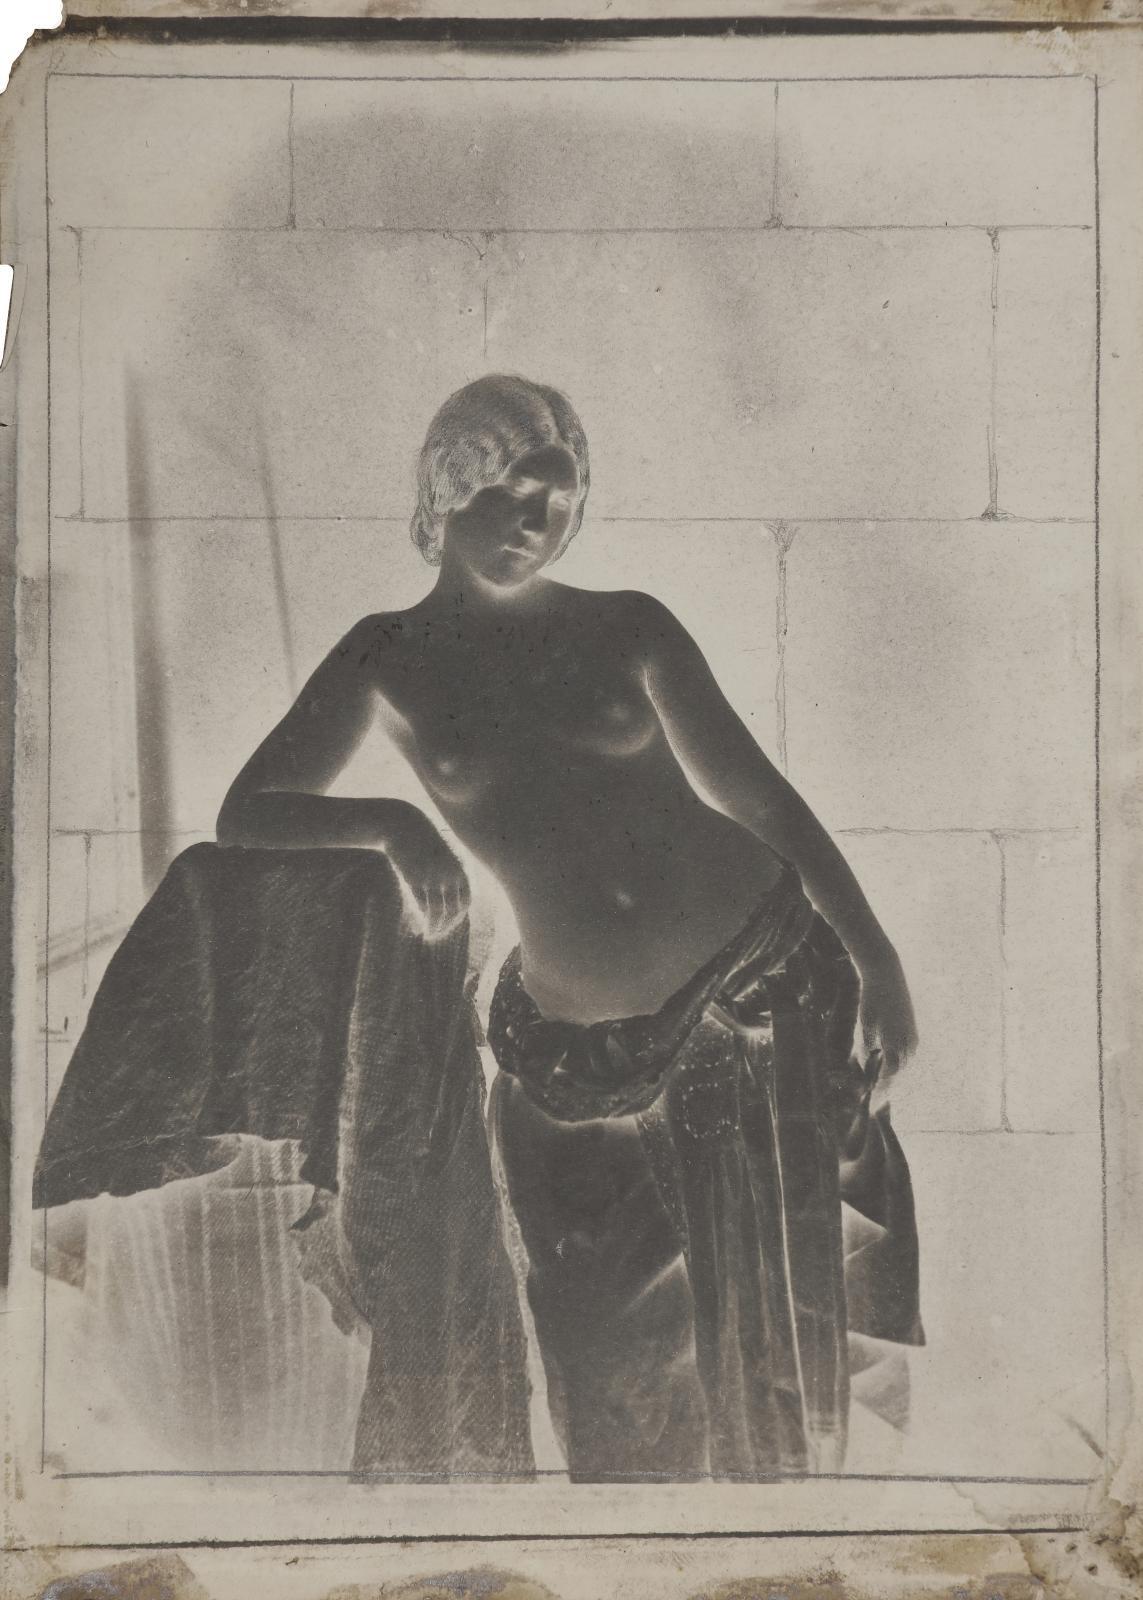 Julien Vallou de Villeneuve (1795-1866), Nu féminin, vers 1852, négatif sur papier (calotype), retouches à la mine de plomb, numéro76, 19x13,3cm.P